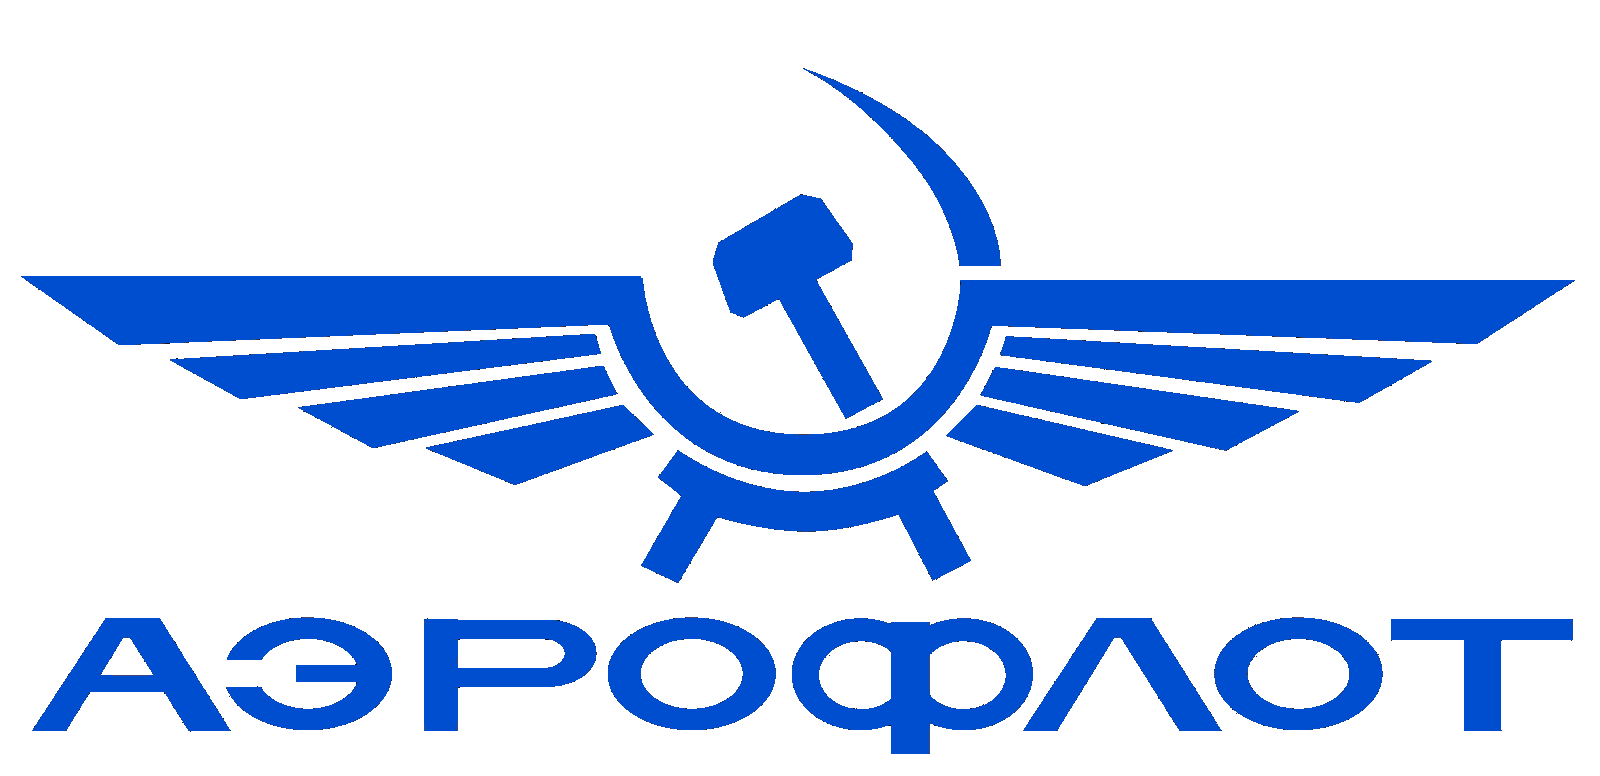 . PlusPng.com Datei:Aeroflot-Logo-1956.png PlusPng.com  - Aeroflot Vector PNG